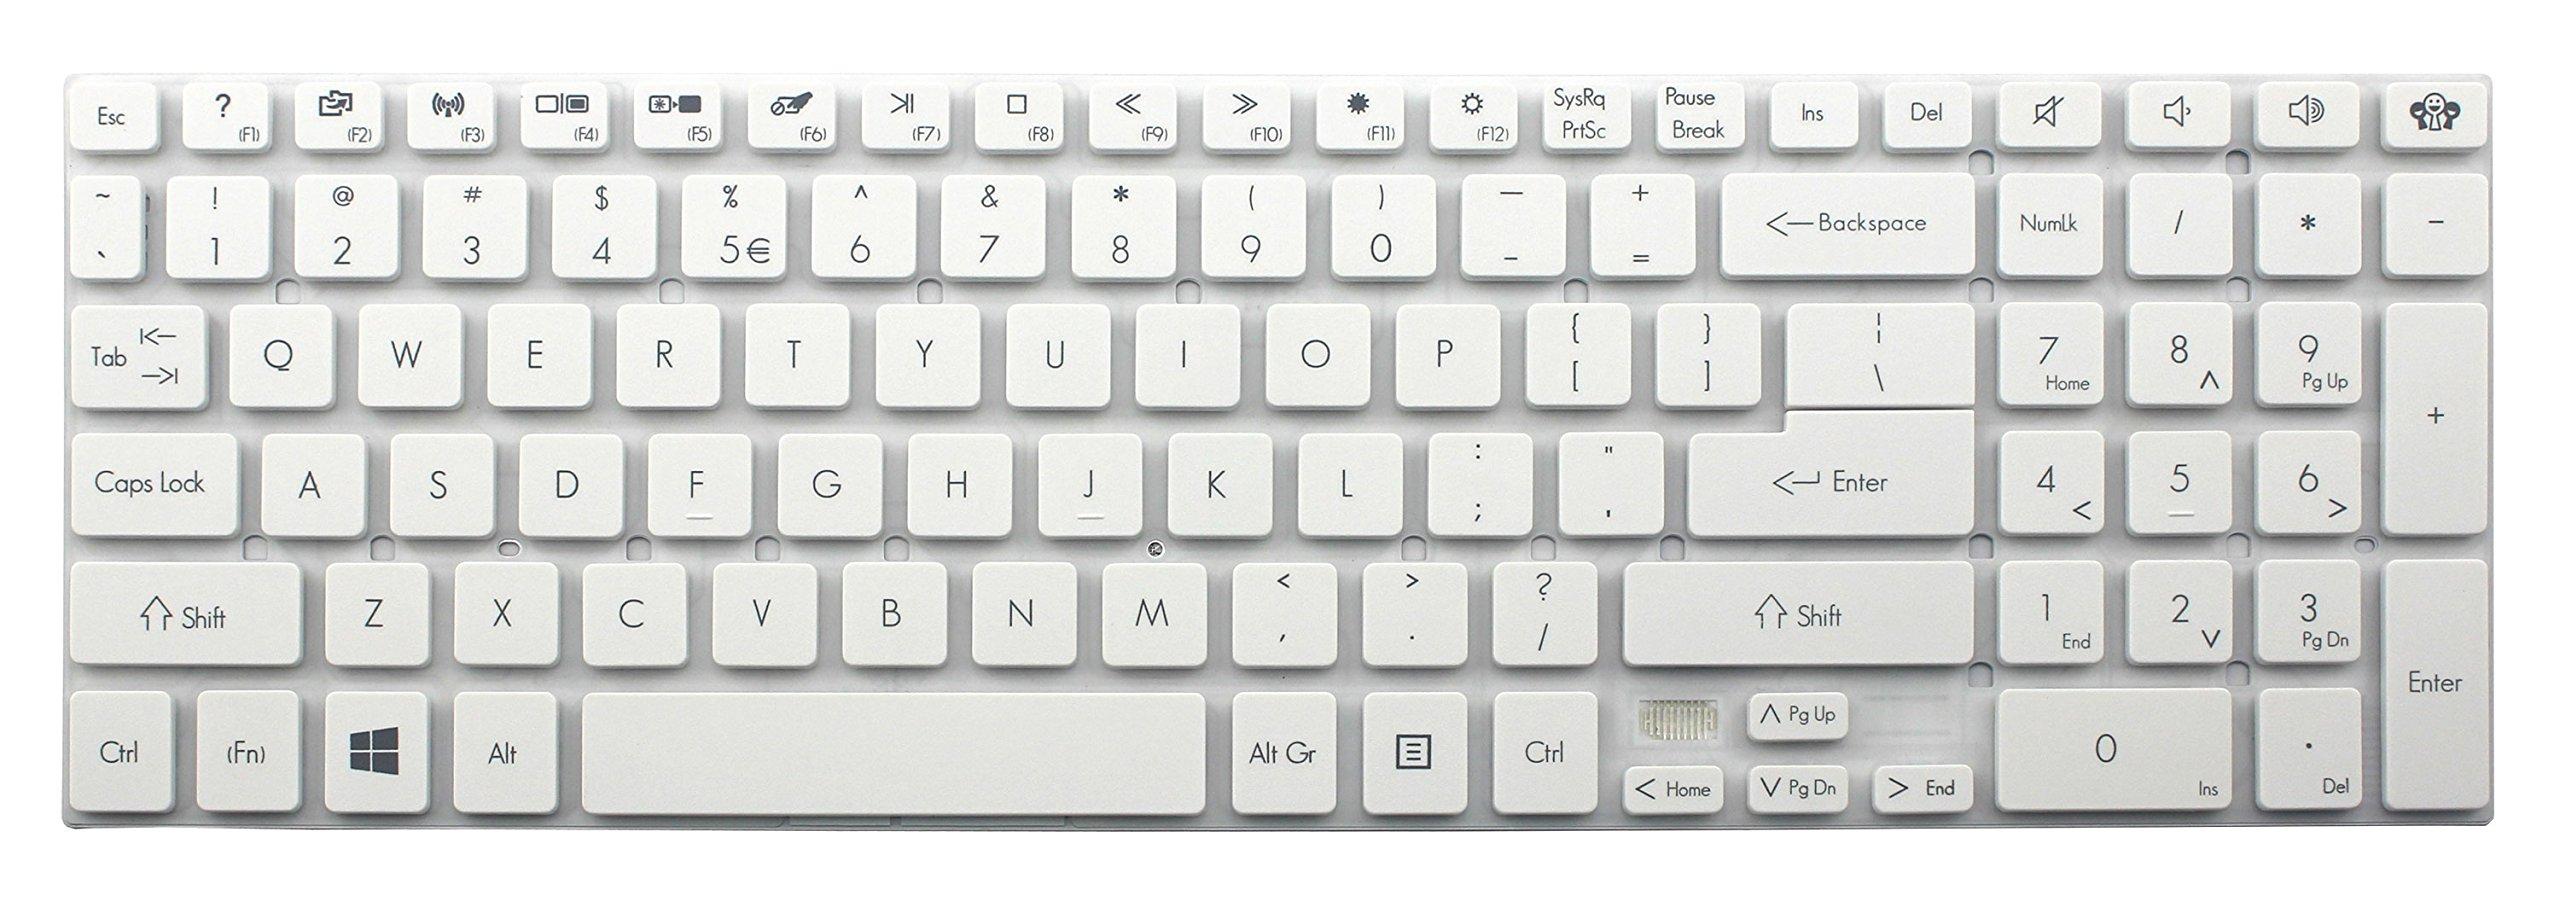 CHNASAWE Laptop US White Keyboard without Frame for Gateway NV75S NV75S02u NV75S07h NV75S10u NV75S11u NV75S16u NV75S17u NV75S23u NV75S25u NV75S26u NV75S32u